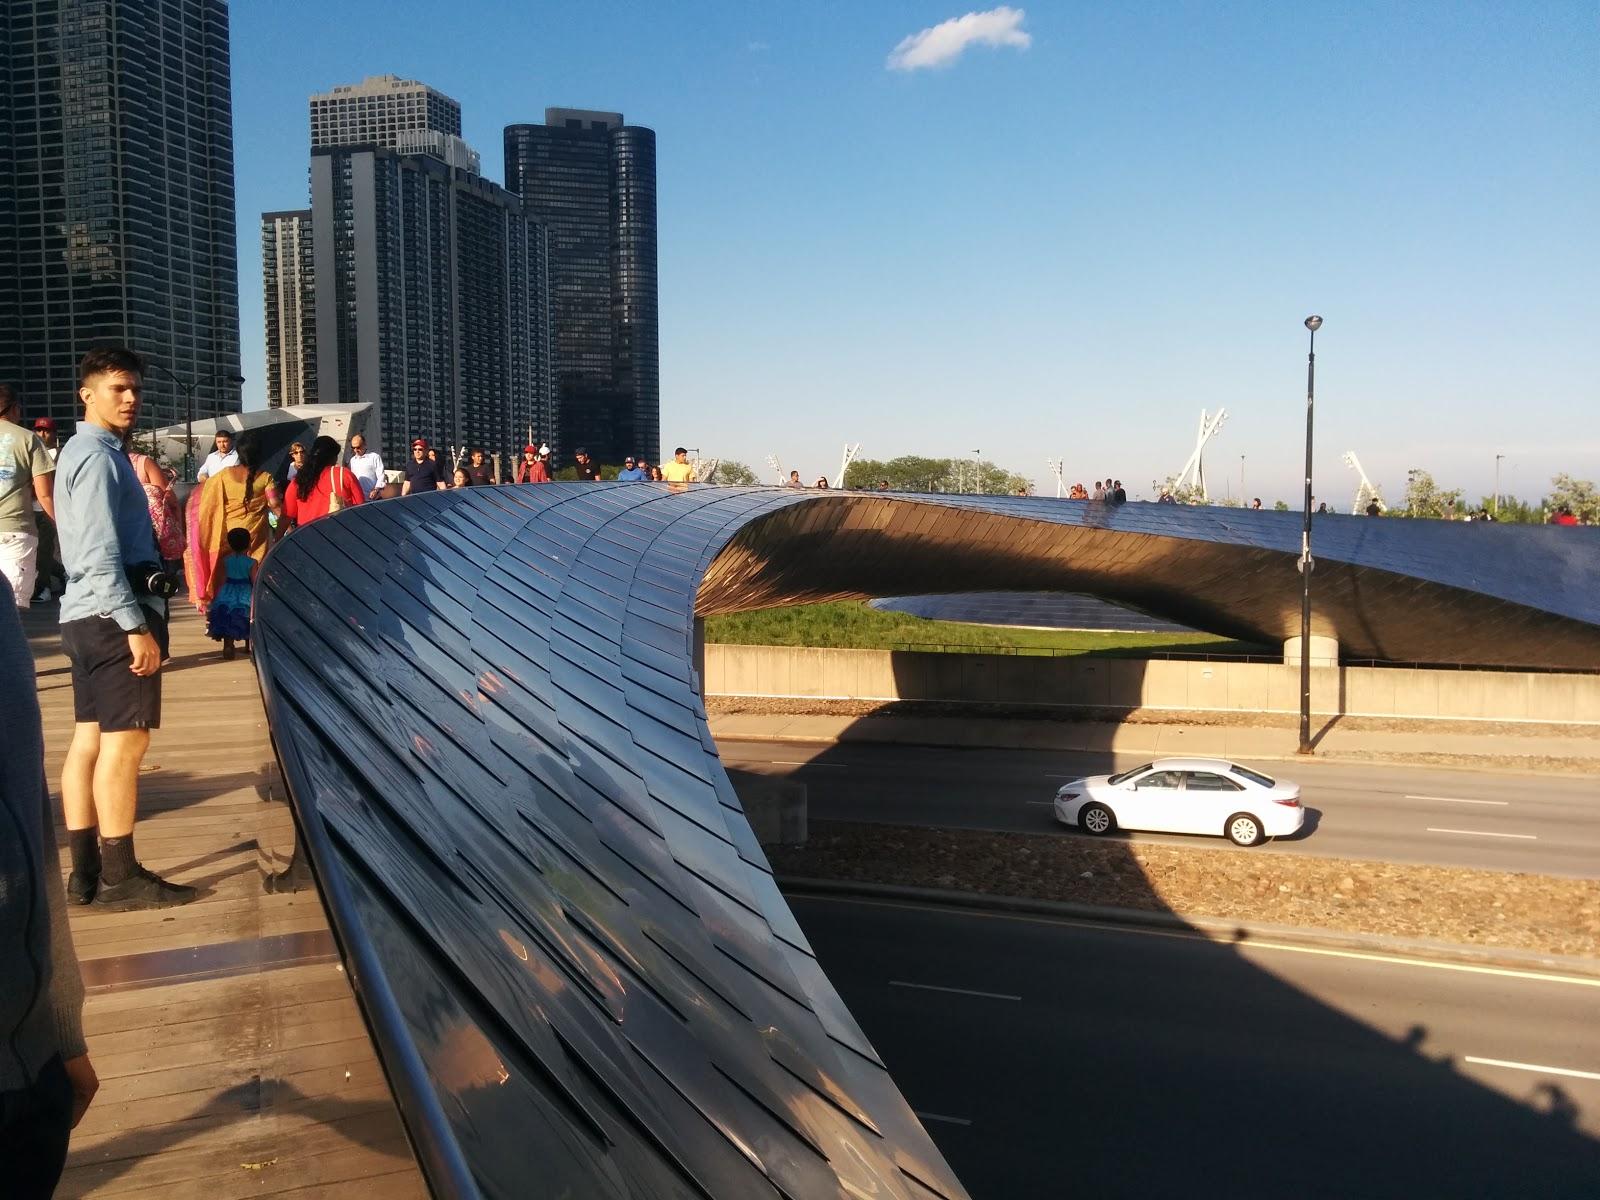 BP Bridge - also Frank Gehry